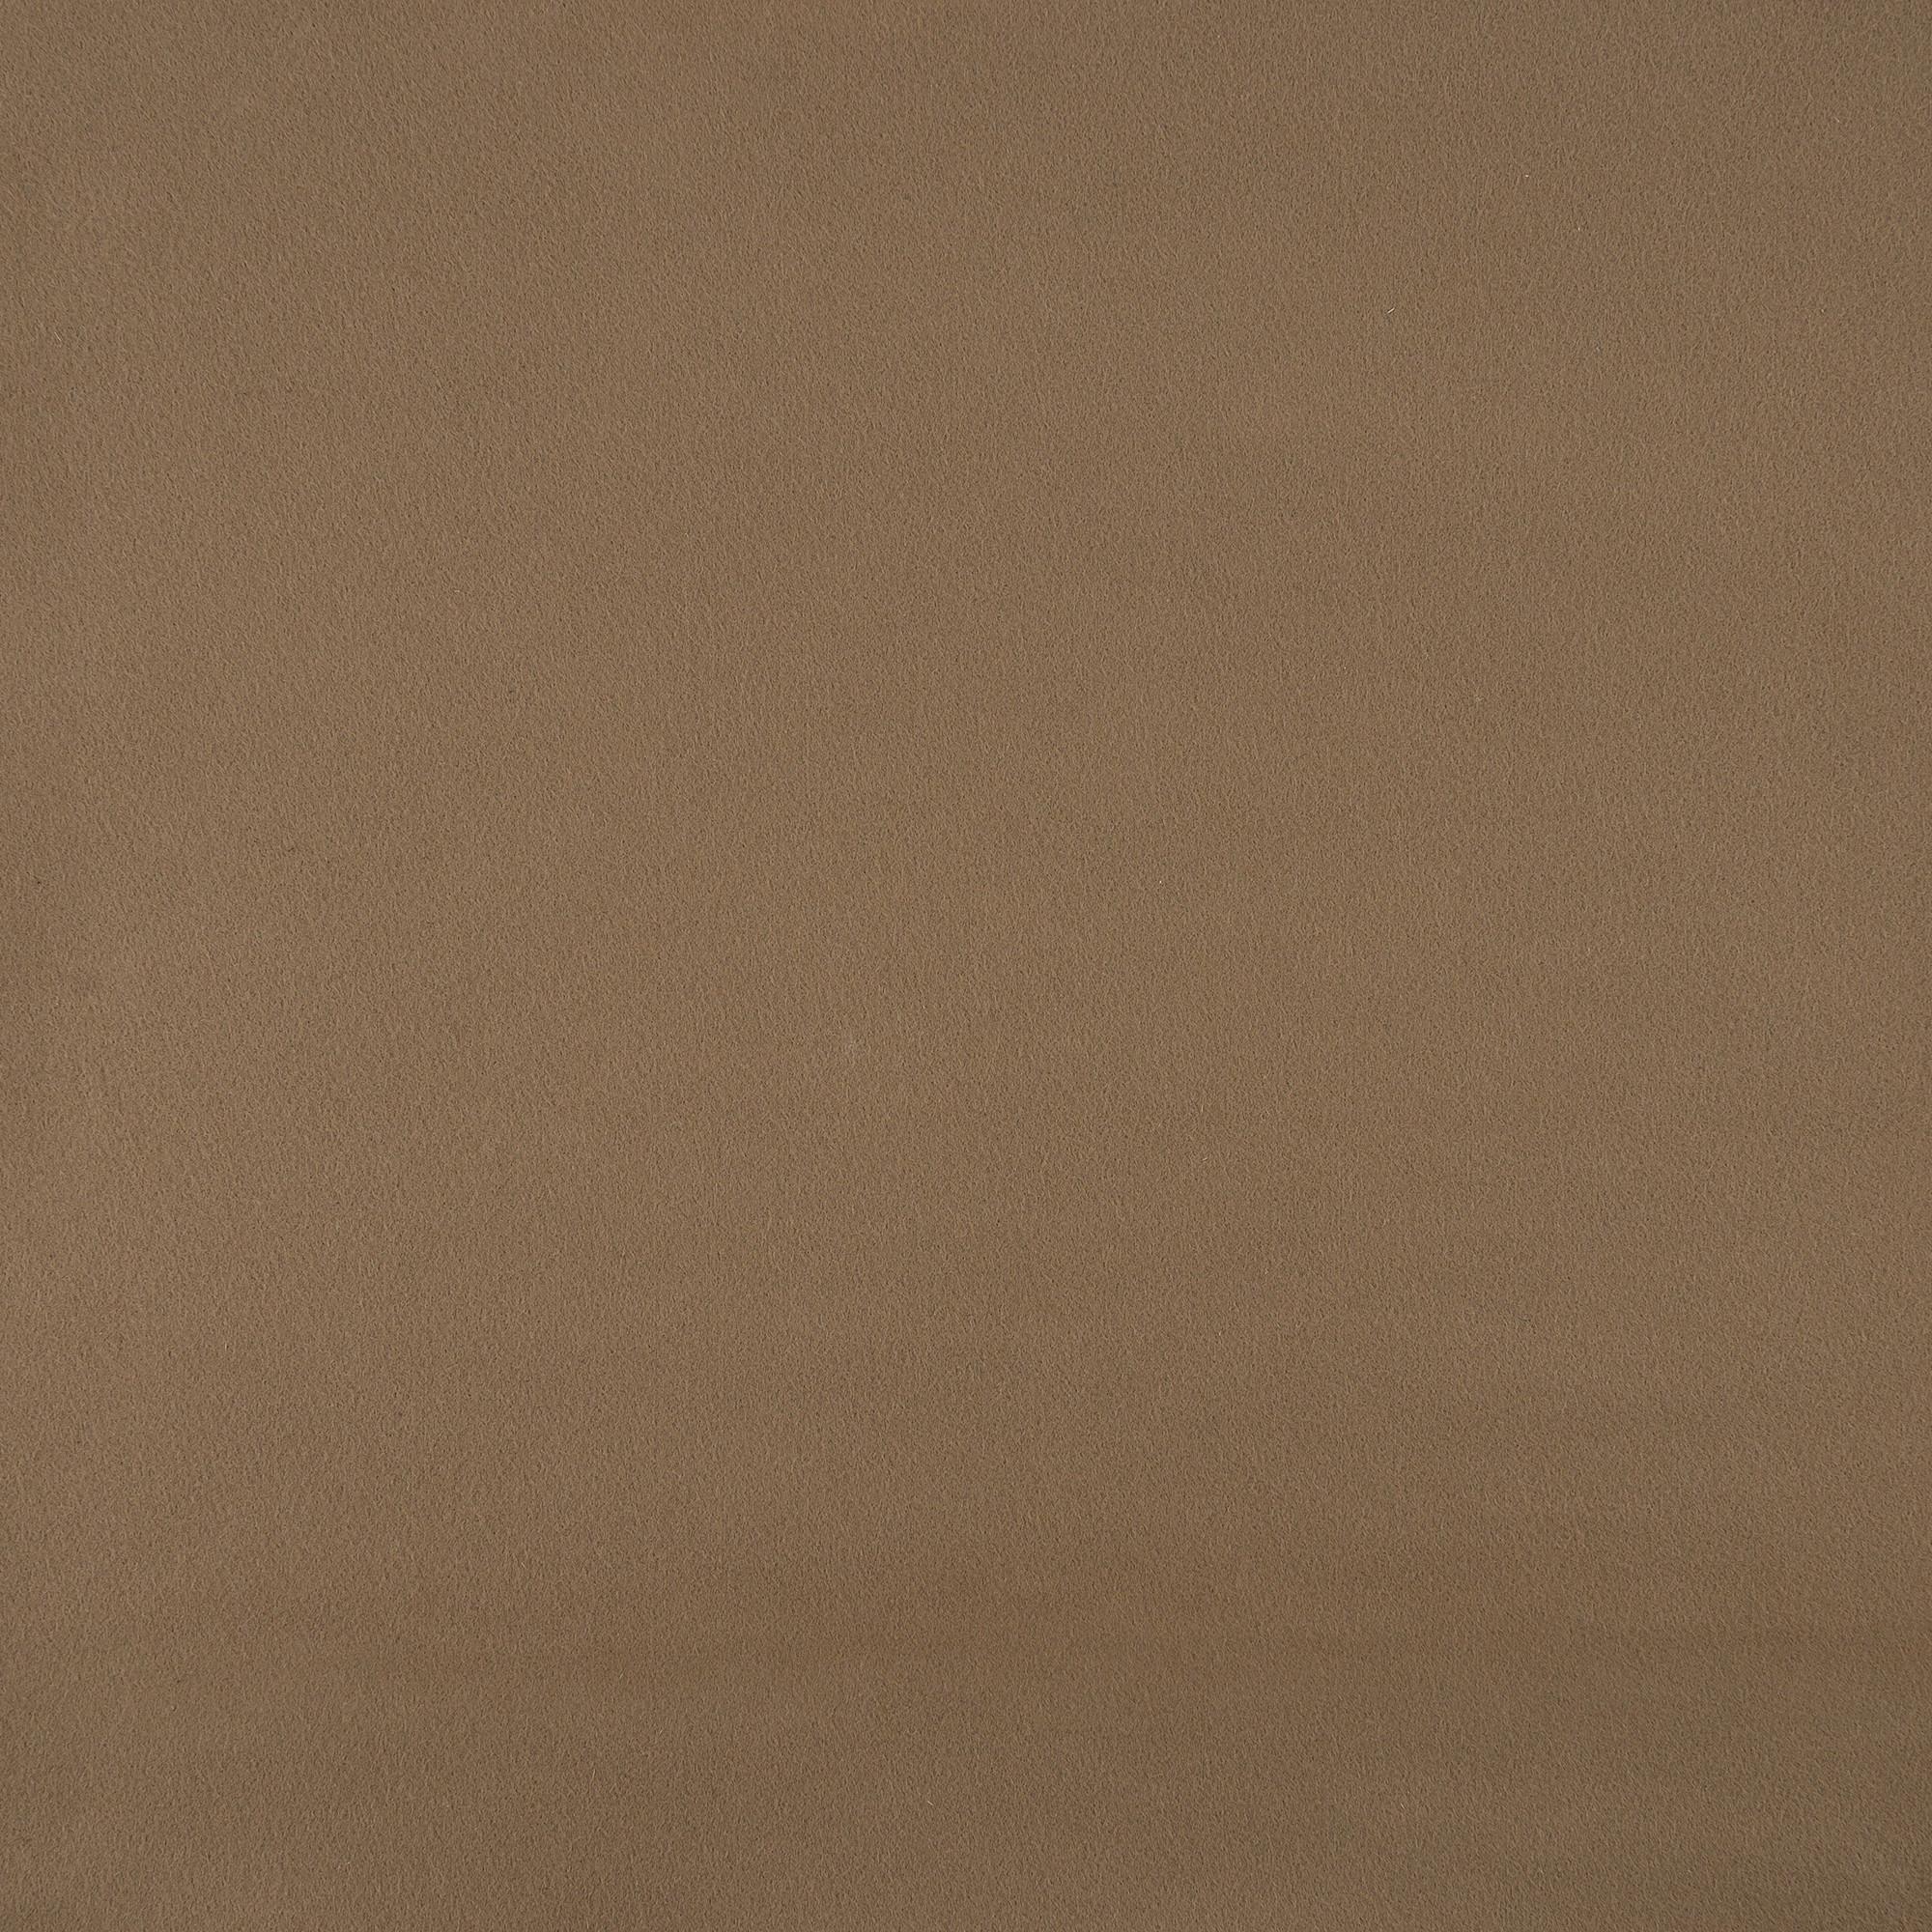 Дорожка ковровая «07021 Флорттсоф», 2 м, цвет коричневый